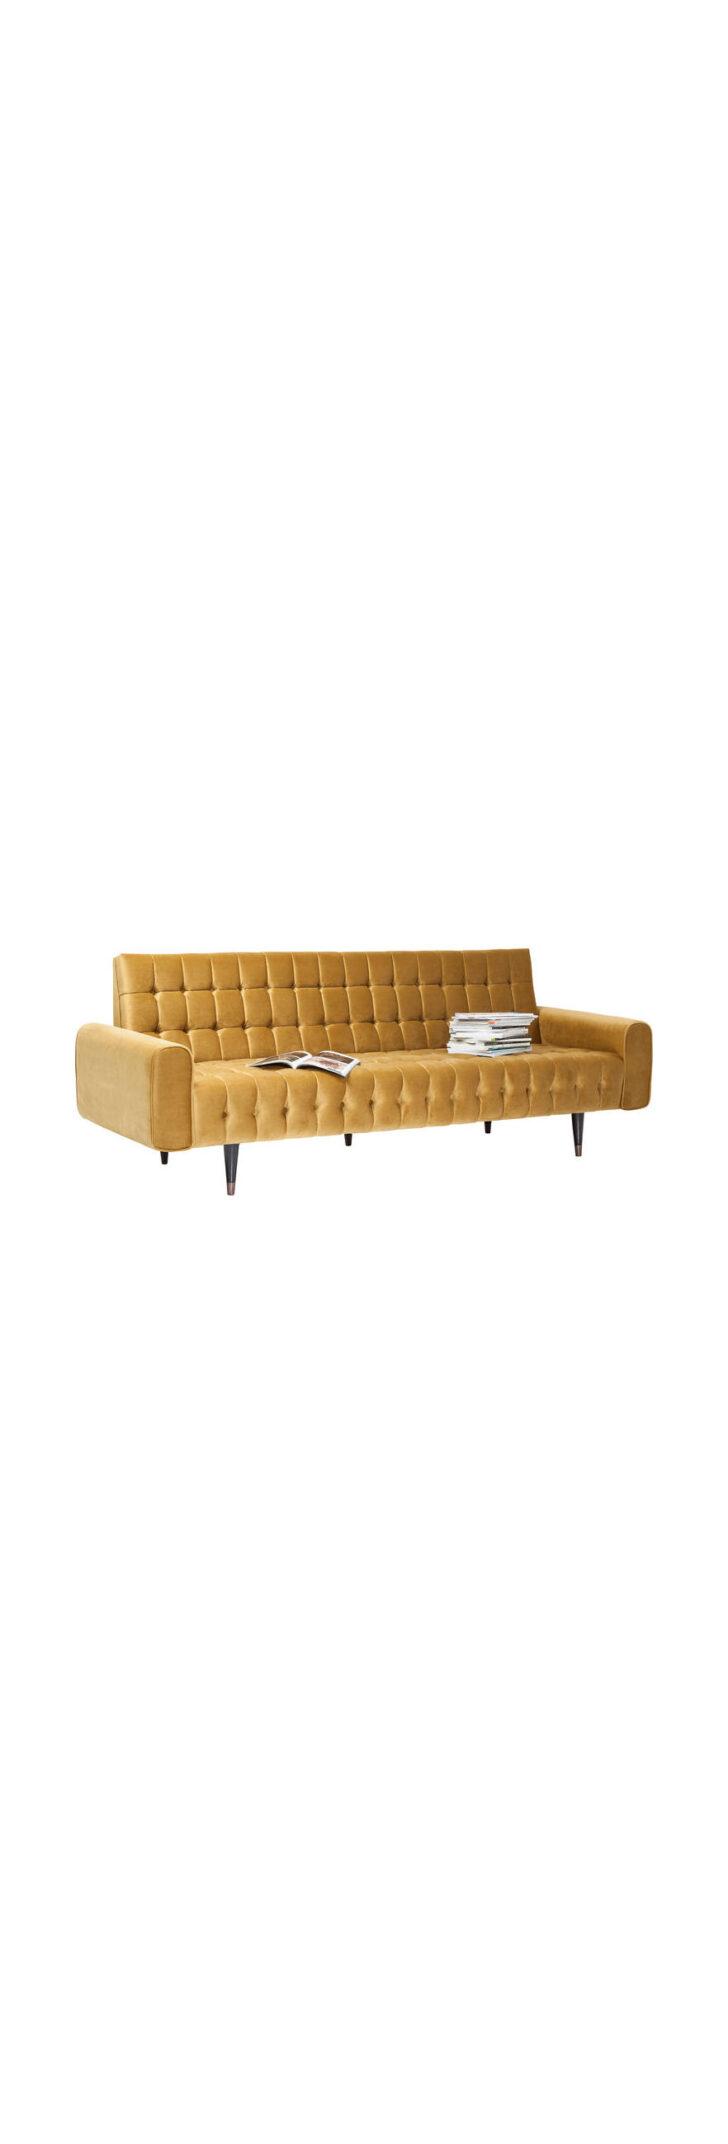 Medium Size of Sofa Samt Honig Online Kaufen Xxxlutz Megapol Zweisitzer Petrol Chesterfield Grau Luxus Muuto Barock Husse Mit Relaxfunktion 3 Sitzer Günstig Creme Sofort Sofa Kare Sofa